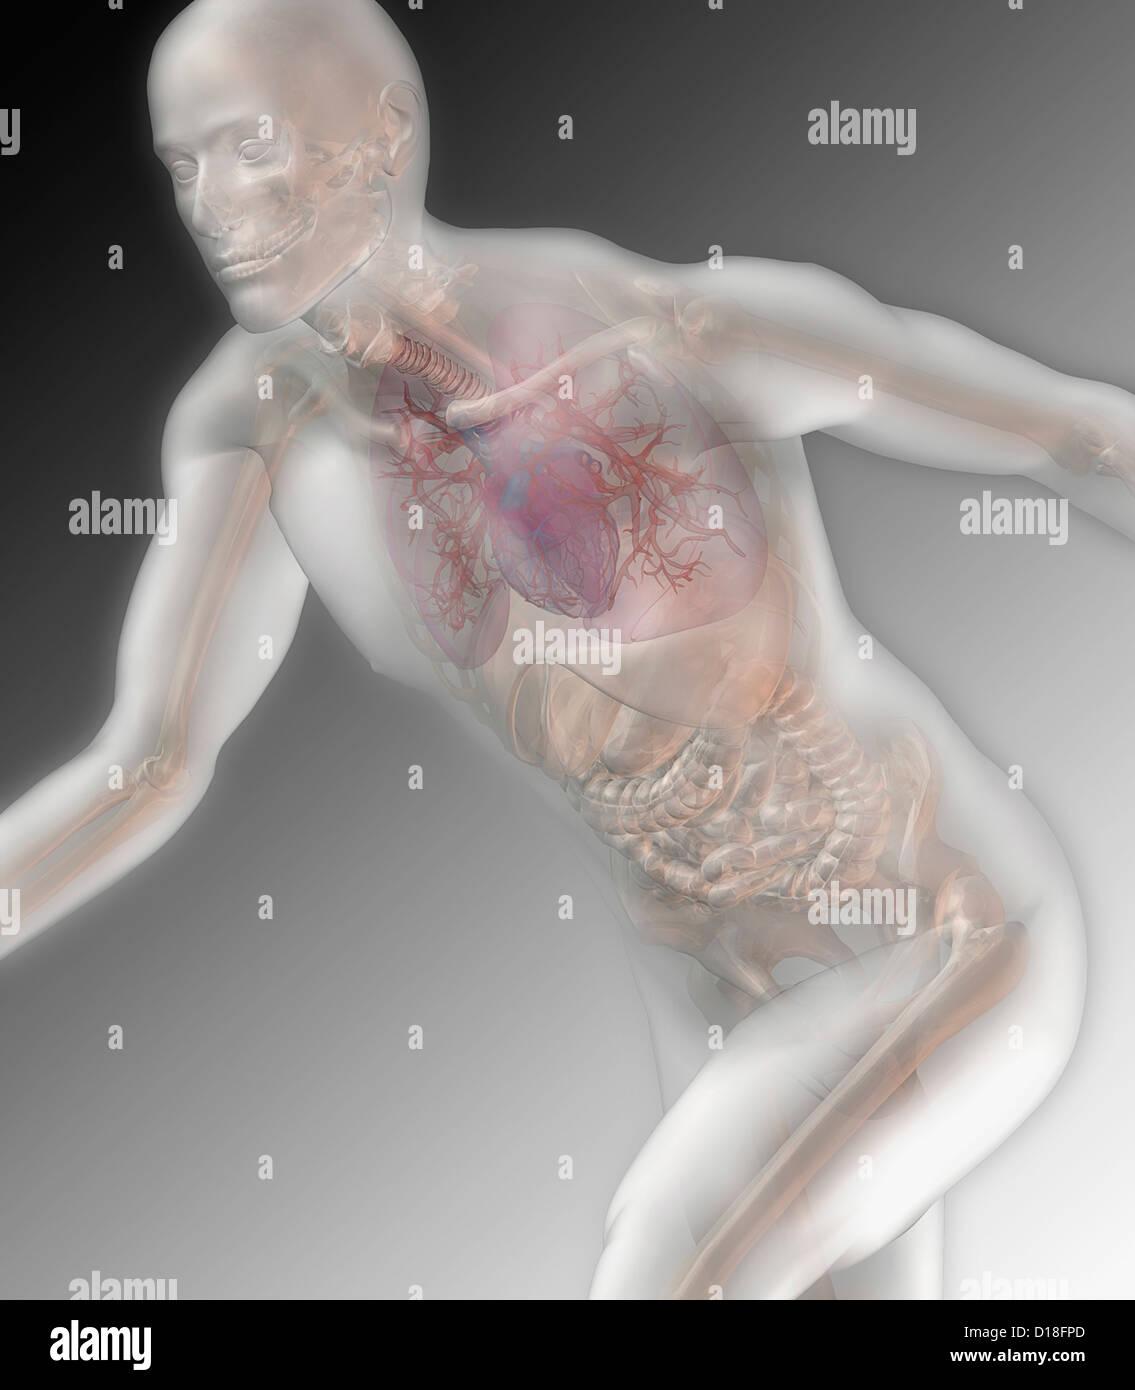 Abbildung eines laufenden männlichen anatomischen Modells Stockbild